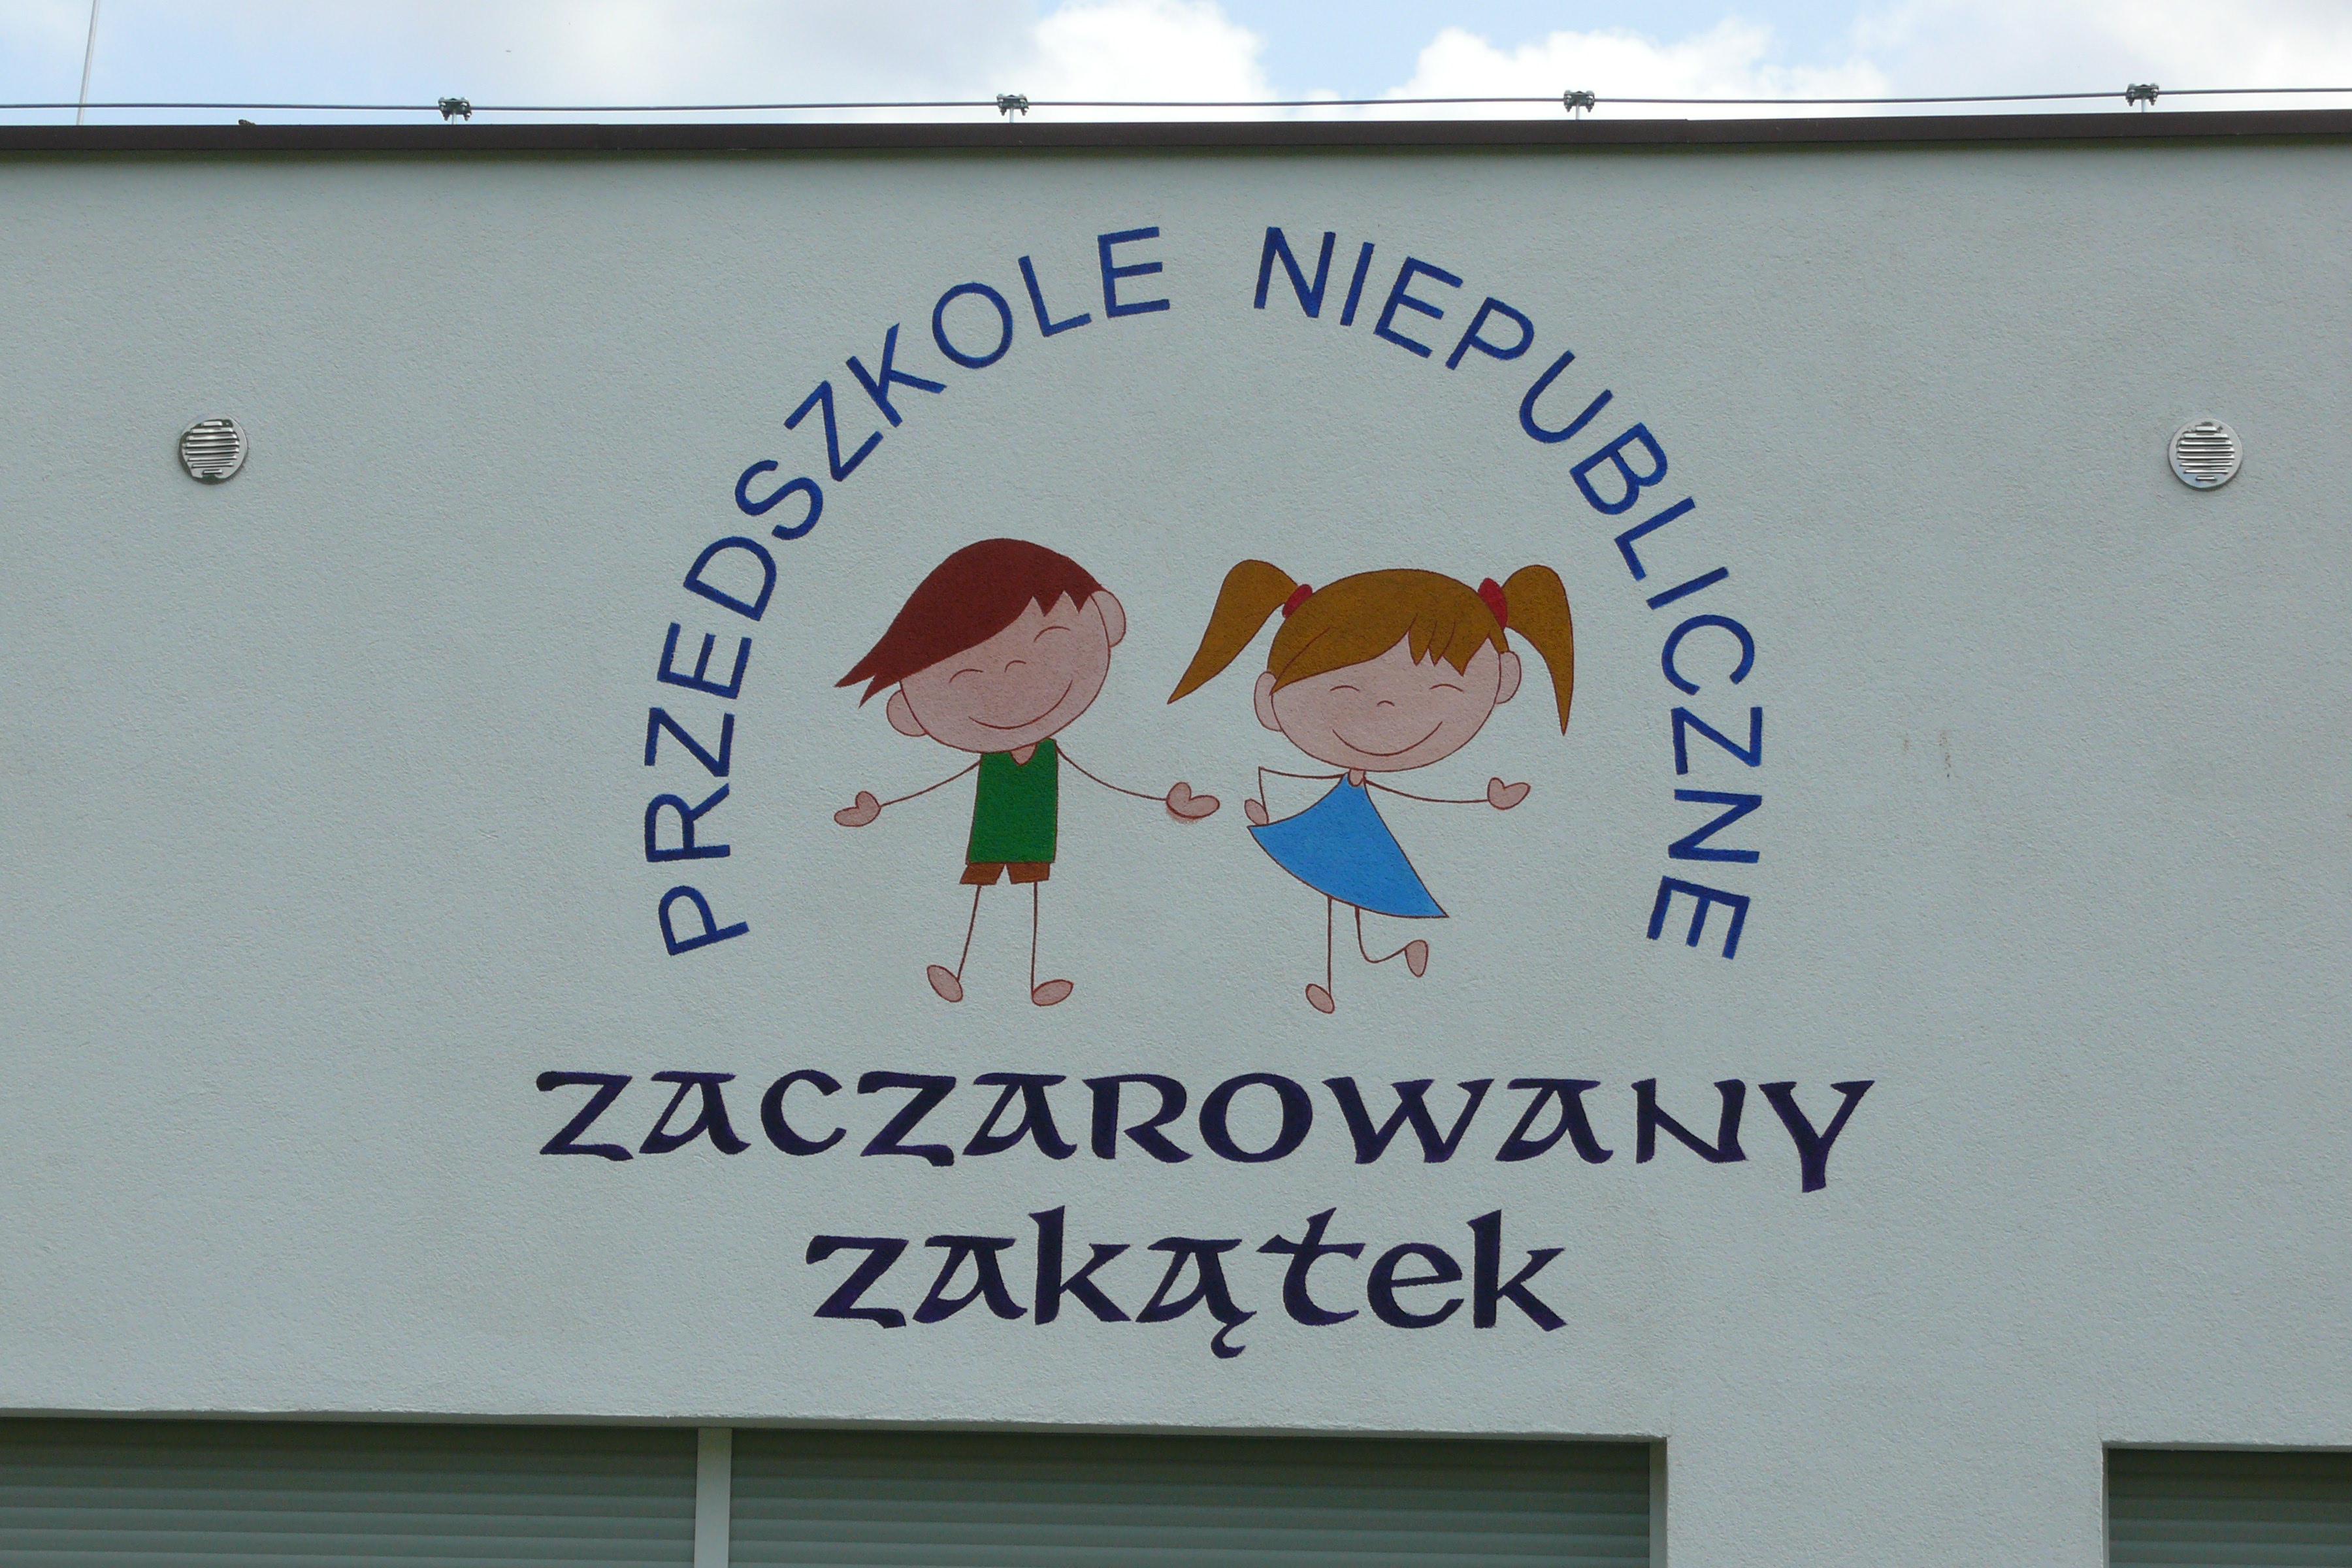 Artystyczne malowanie loga na ścianie budynku, malowanie szyldu dla przedszkola